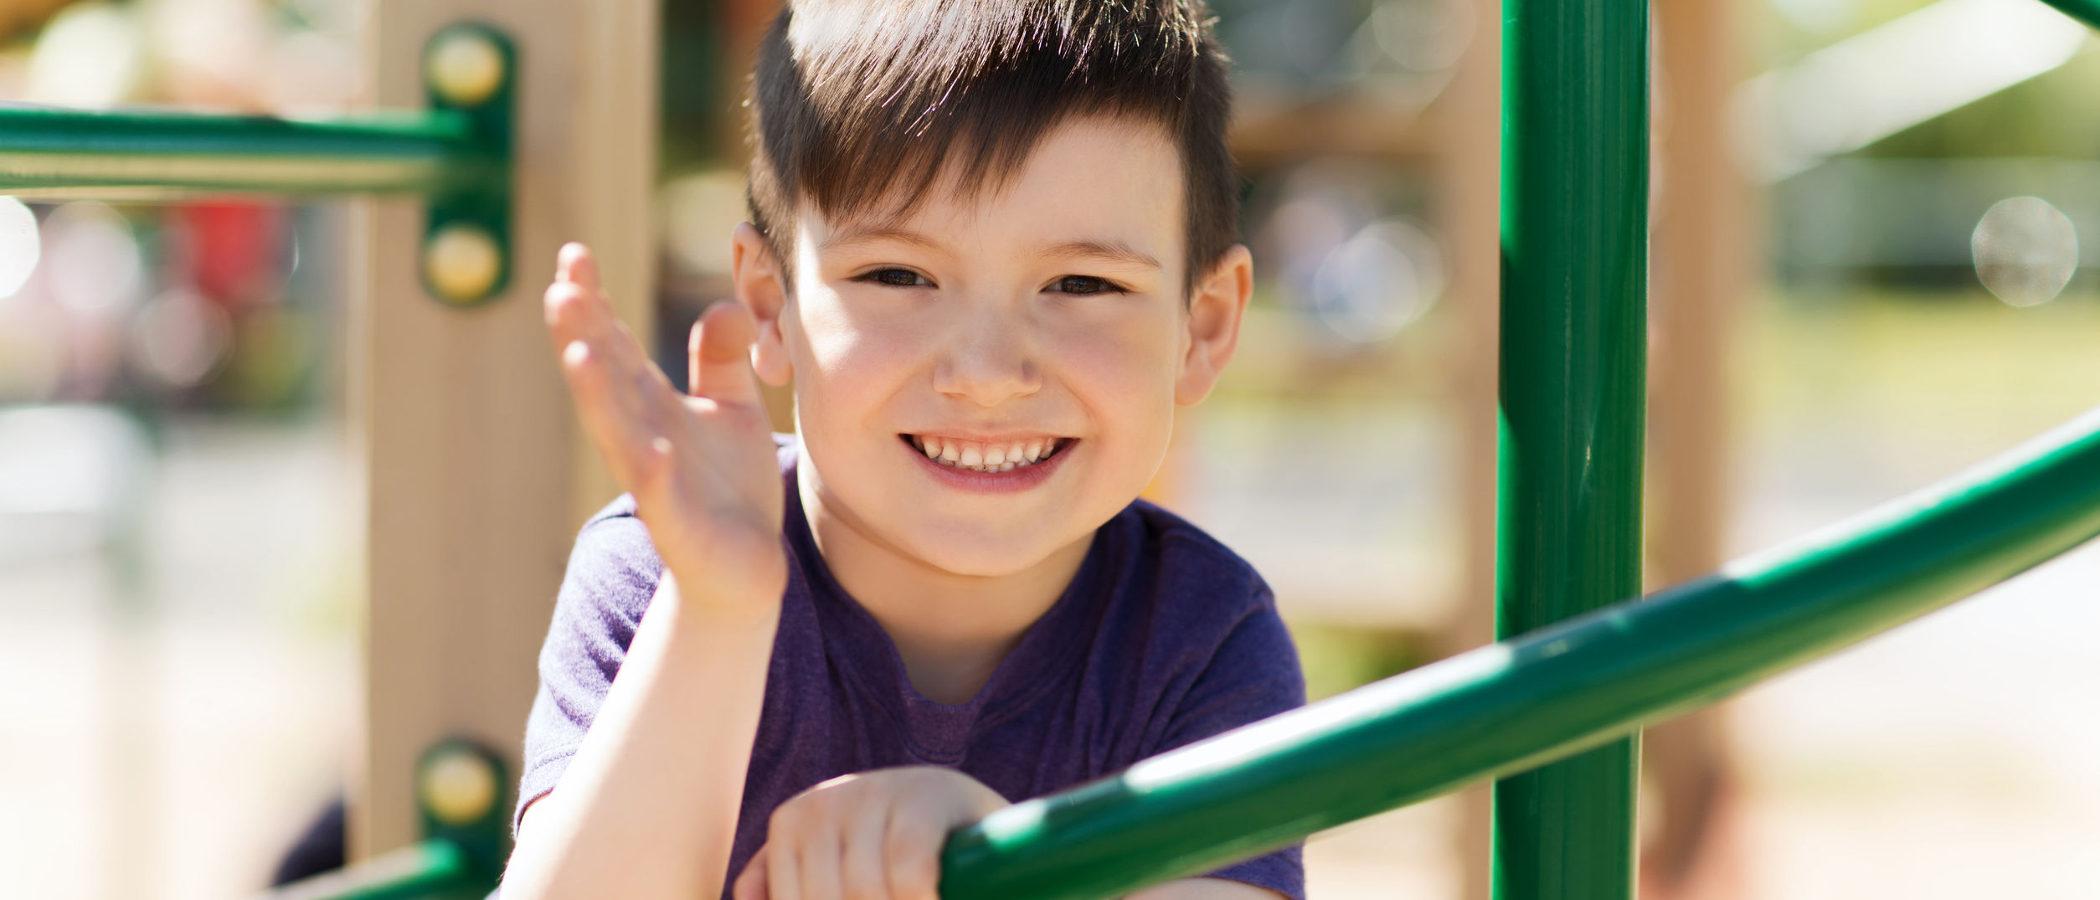 Posibles causas de la fimosis en niños